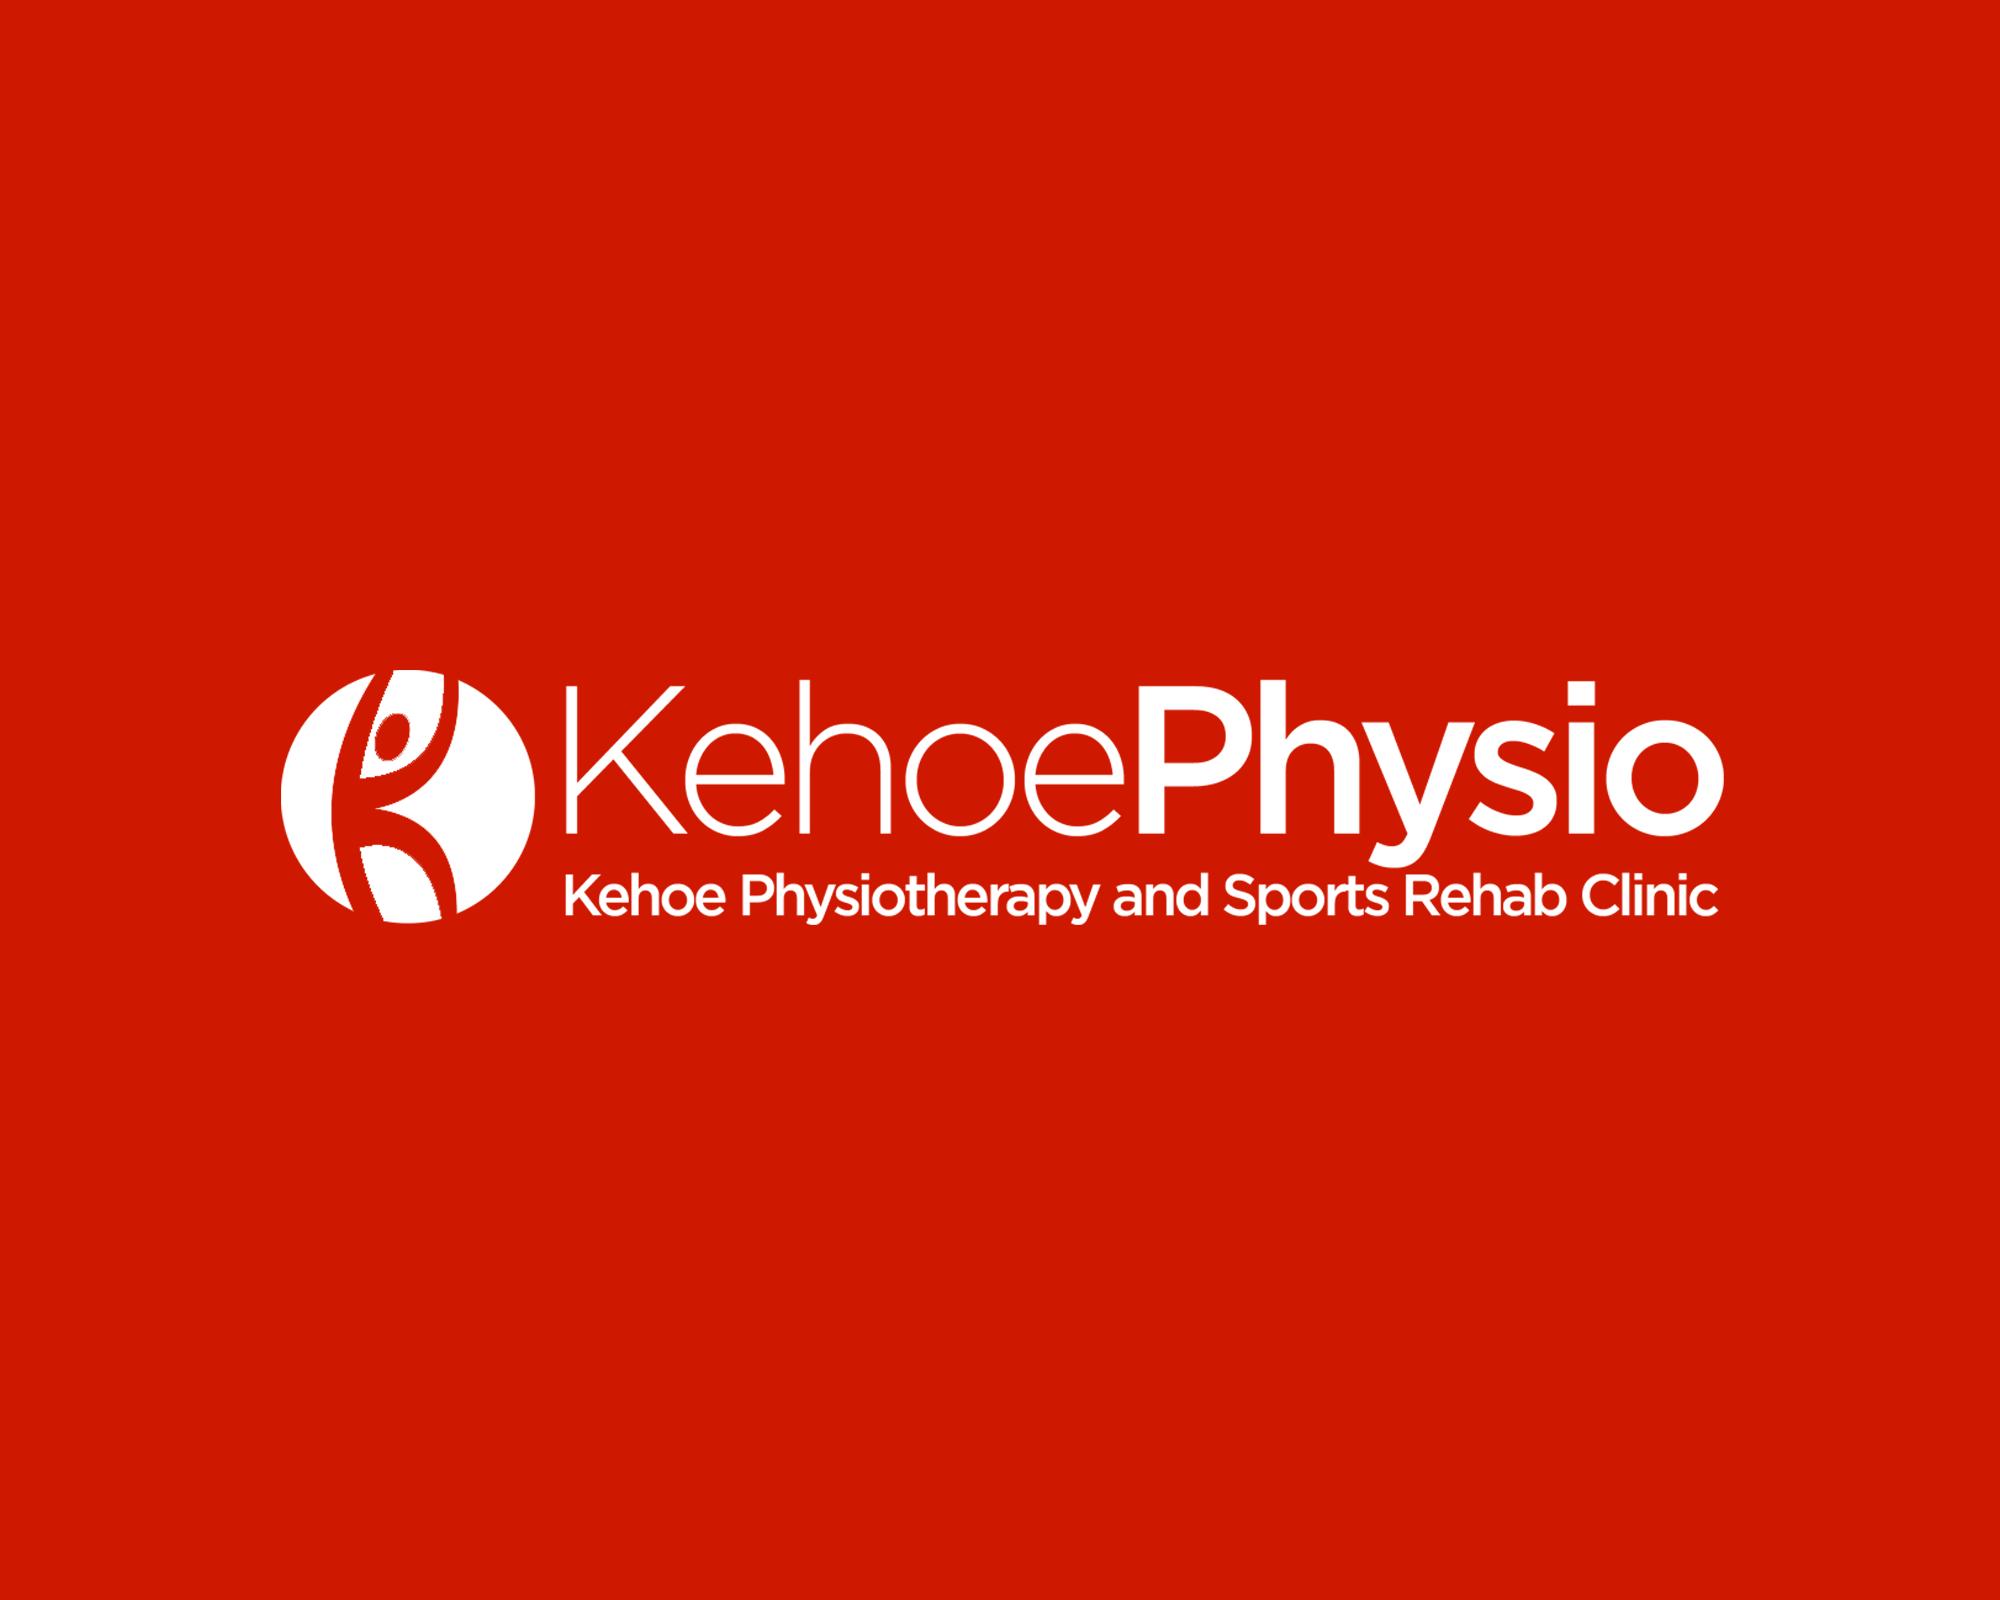 kehoe physio Logo